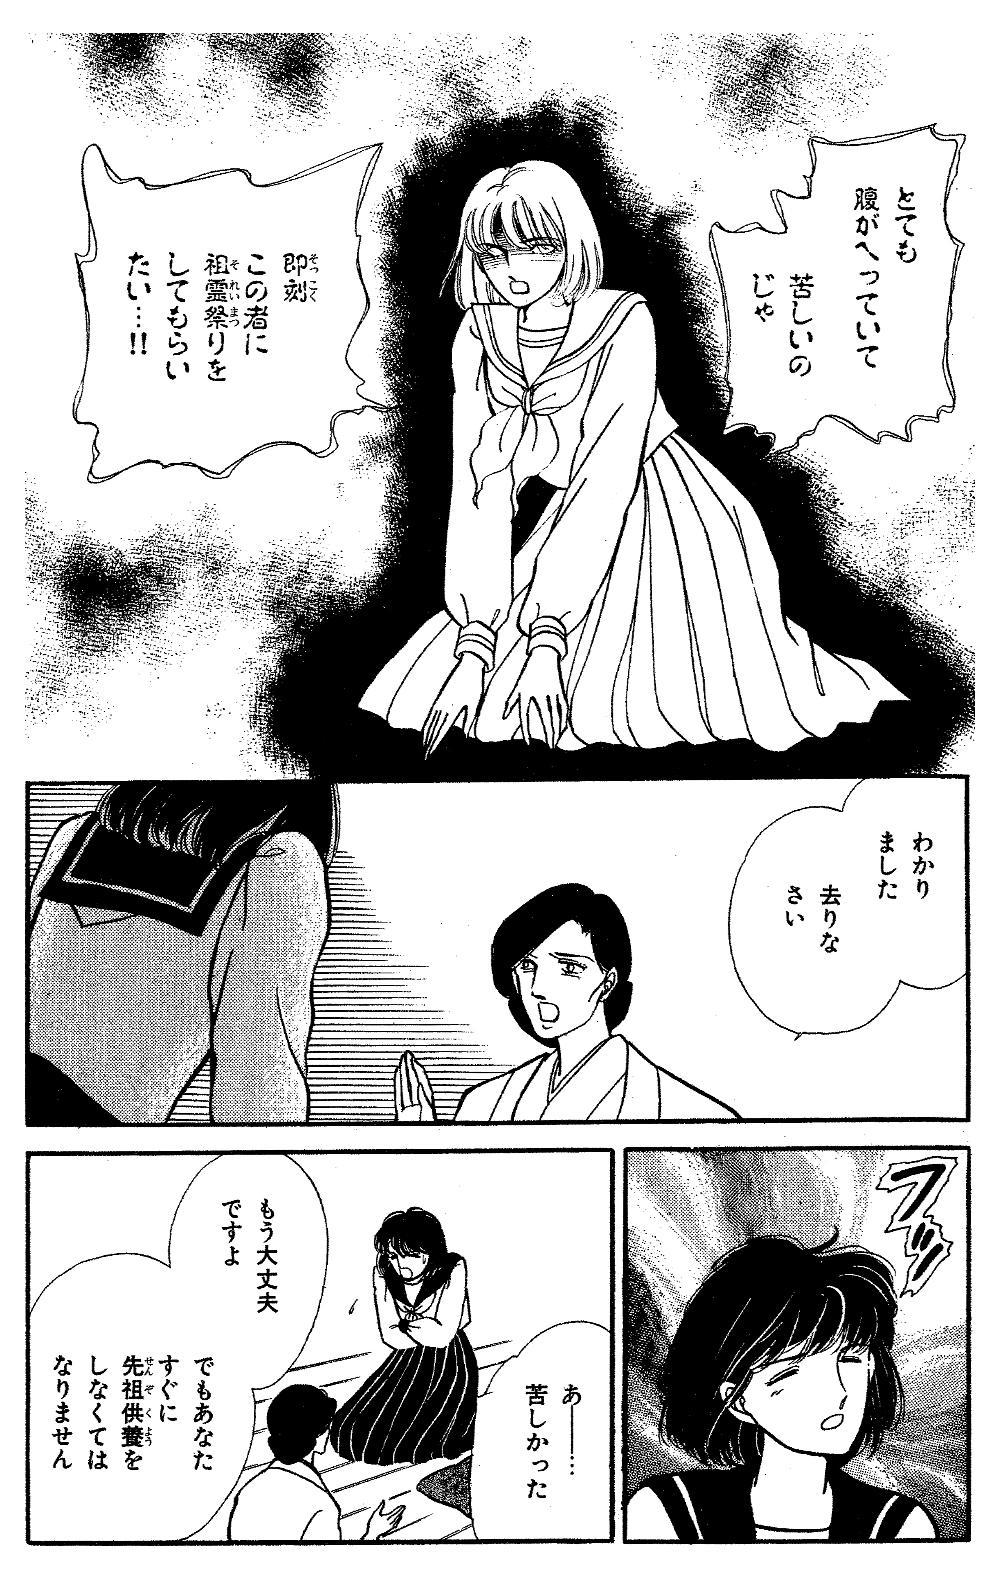 魔百合の恐怖報告  第2話「消えた黒猫」①mayuri07-06.jpg